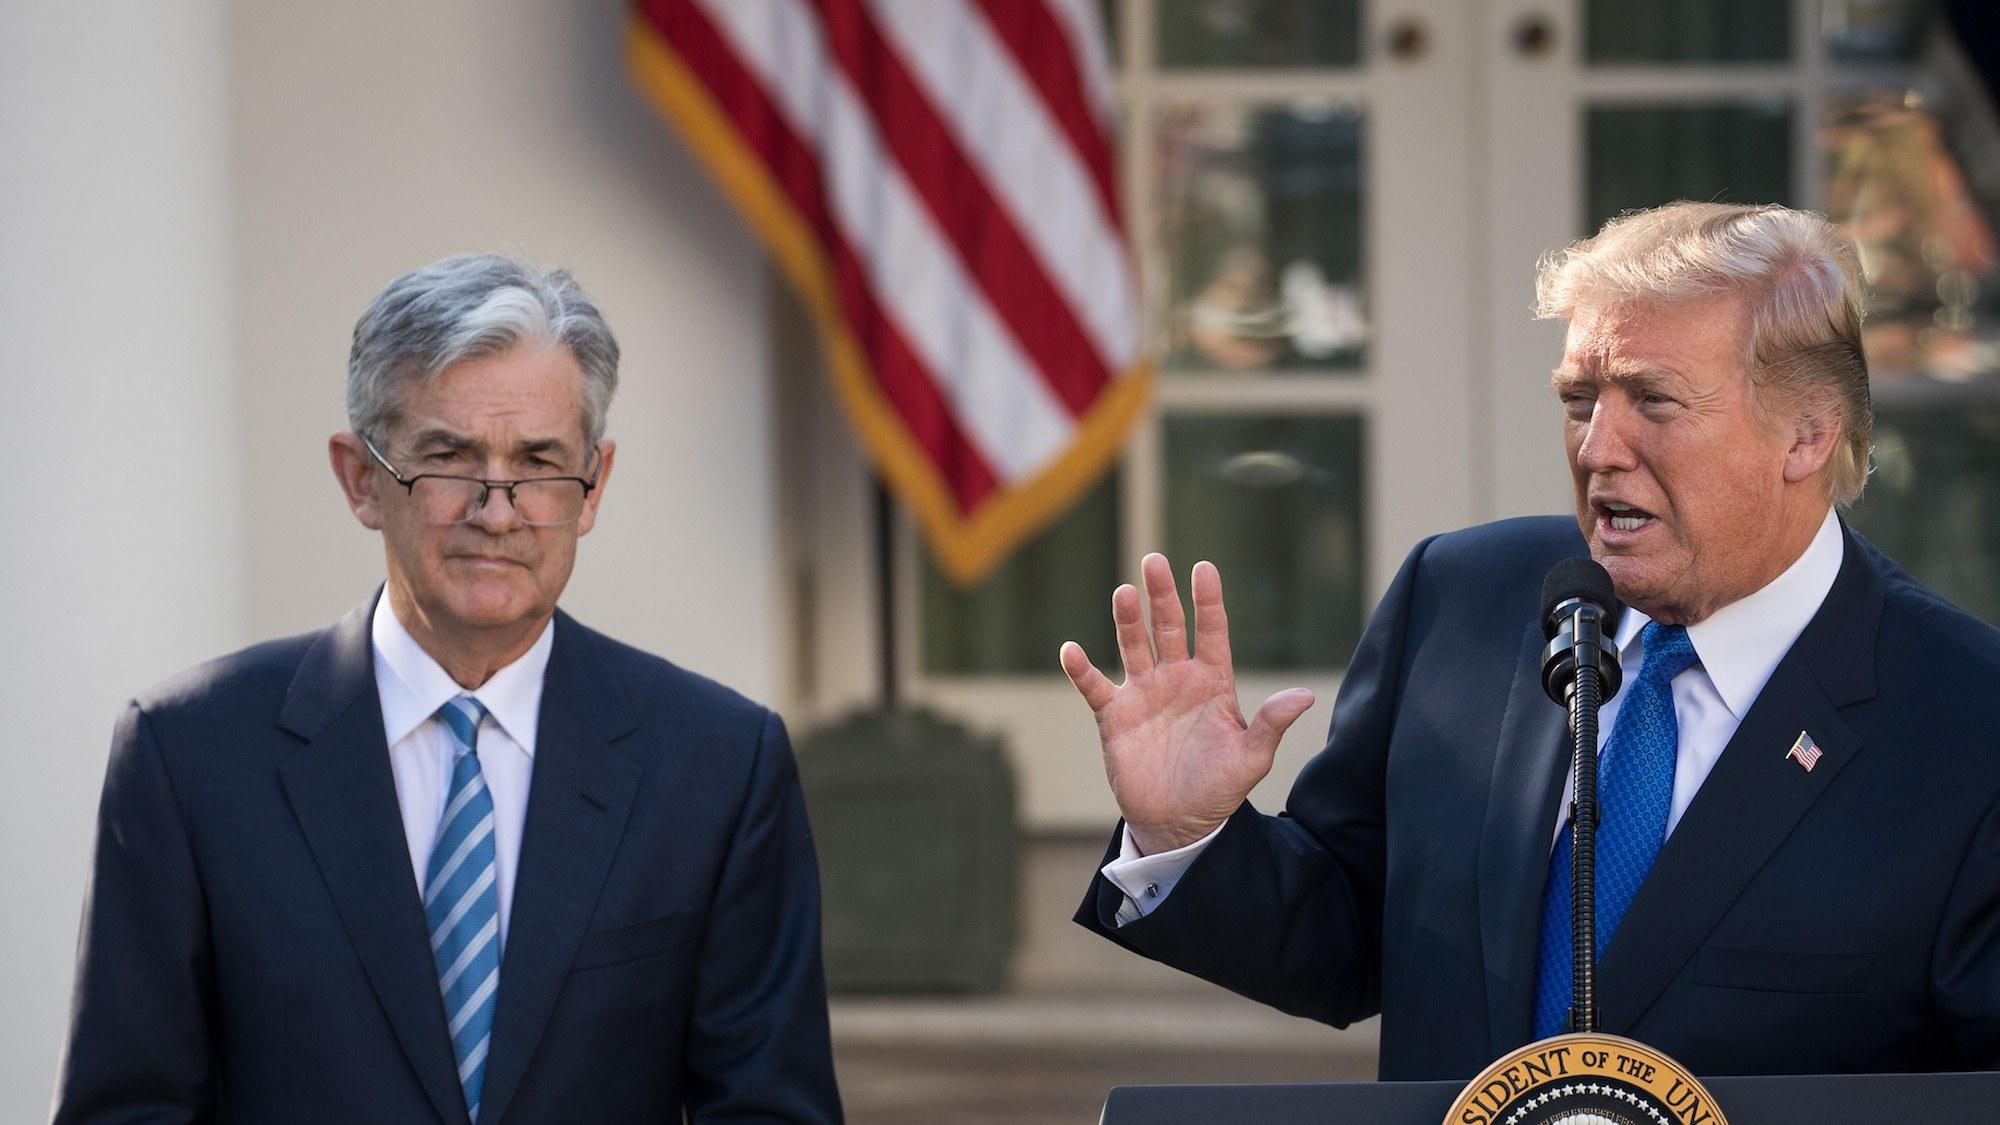 """Trump presiona a la Fed para que reduzca más las tasas a medida que los megabancos agotan el balance """"width ="""" 2000 """" height = """"1125"""" srcset = """"http://blackswanfinances.com/wp-content/uploads/2019/10/donaldtrumpjeromepowell.jpg 2000w, https://news.bitcoin.com/wp-content/uploads/2019 /10/donaldtrumpjeromepowell-300x169.jpg 300w, https://news.bitcoin.com/wp-content/uploads/2019/10/donaldtrumpjeromepowell-768x432.jpg 768w, https://news.bitcoin.com/wp-content /uploads/2019/10/donaldtrumpjeromepowell-1024x576.jpg 1024w, https://news.bitcoin.com/wp-content/uploads/2019/10/donaldtrumpjeromepowell-696x392.jpg 696w, https://news.bitcoin.com /wp-content/uploads/2019/10/donaldtrumpjeromepowell-1392x783.jpg 1392w, https://news.bitcoin.com/wp-content/uploads/2019/10/donaldtrumpjeromepowell-1068x601.jpg 1068w, https: // noticias .bitcoin.com / wp-content / uploads / 2019/10 / donaldtrumpjeromepowell-747x42 0.jpg 747w """"tamaños ="""" (ancho máximo: 2000px) 100vw, 2000px"""